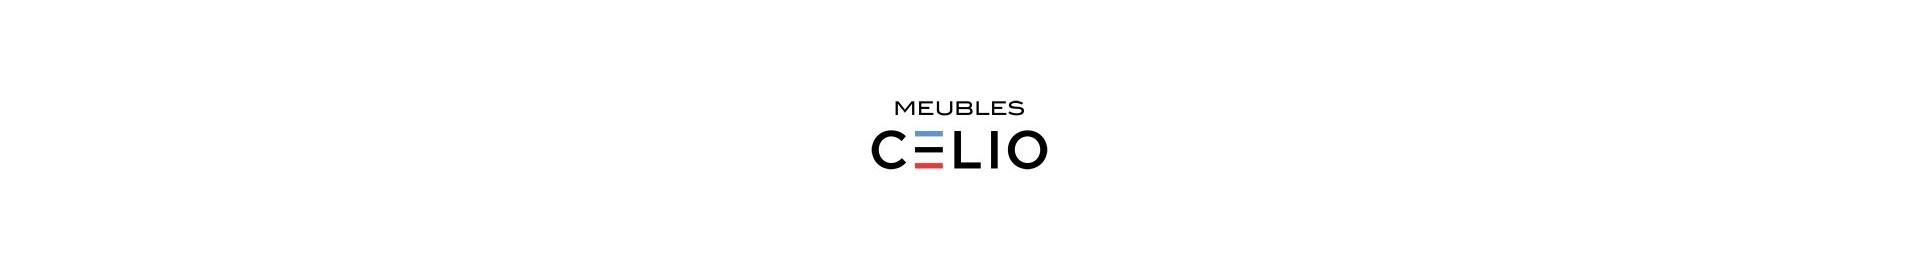 Brayé   Nos marques   Meubles Celio